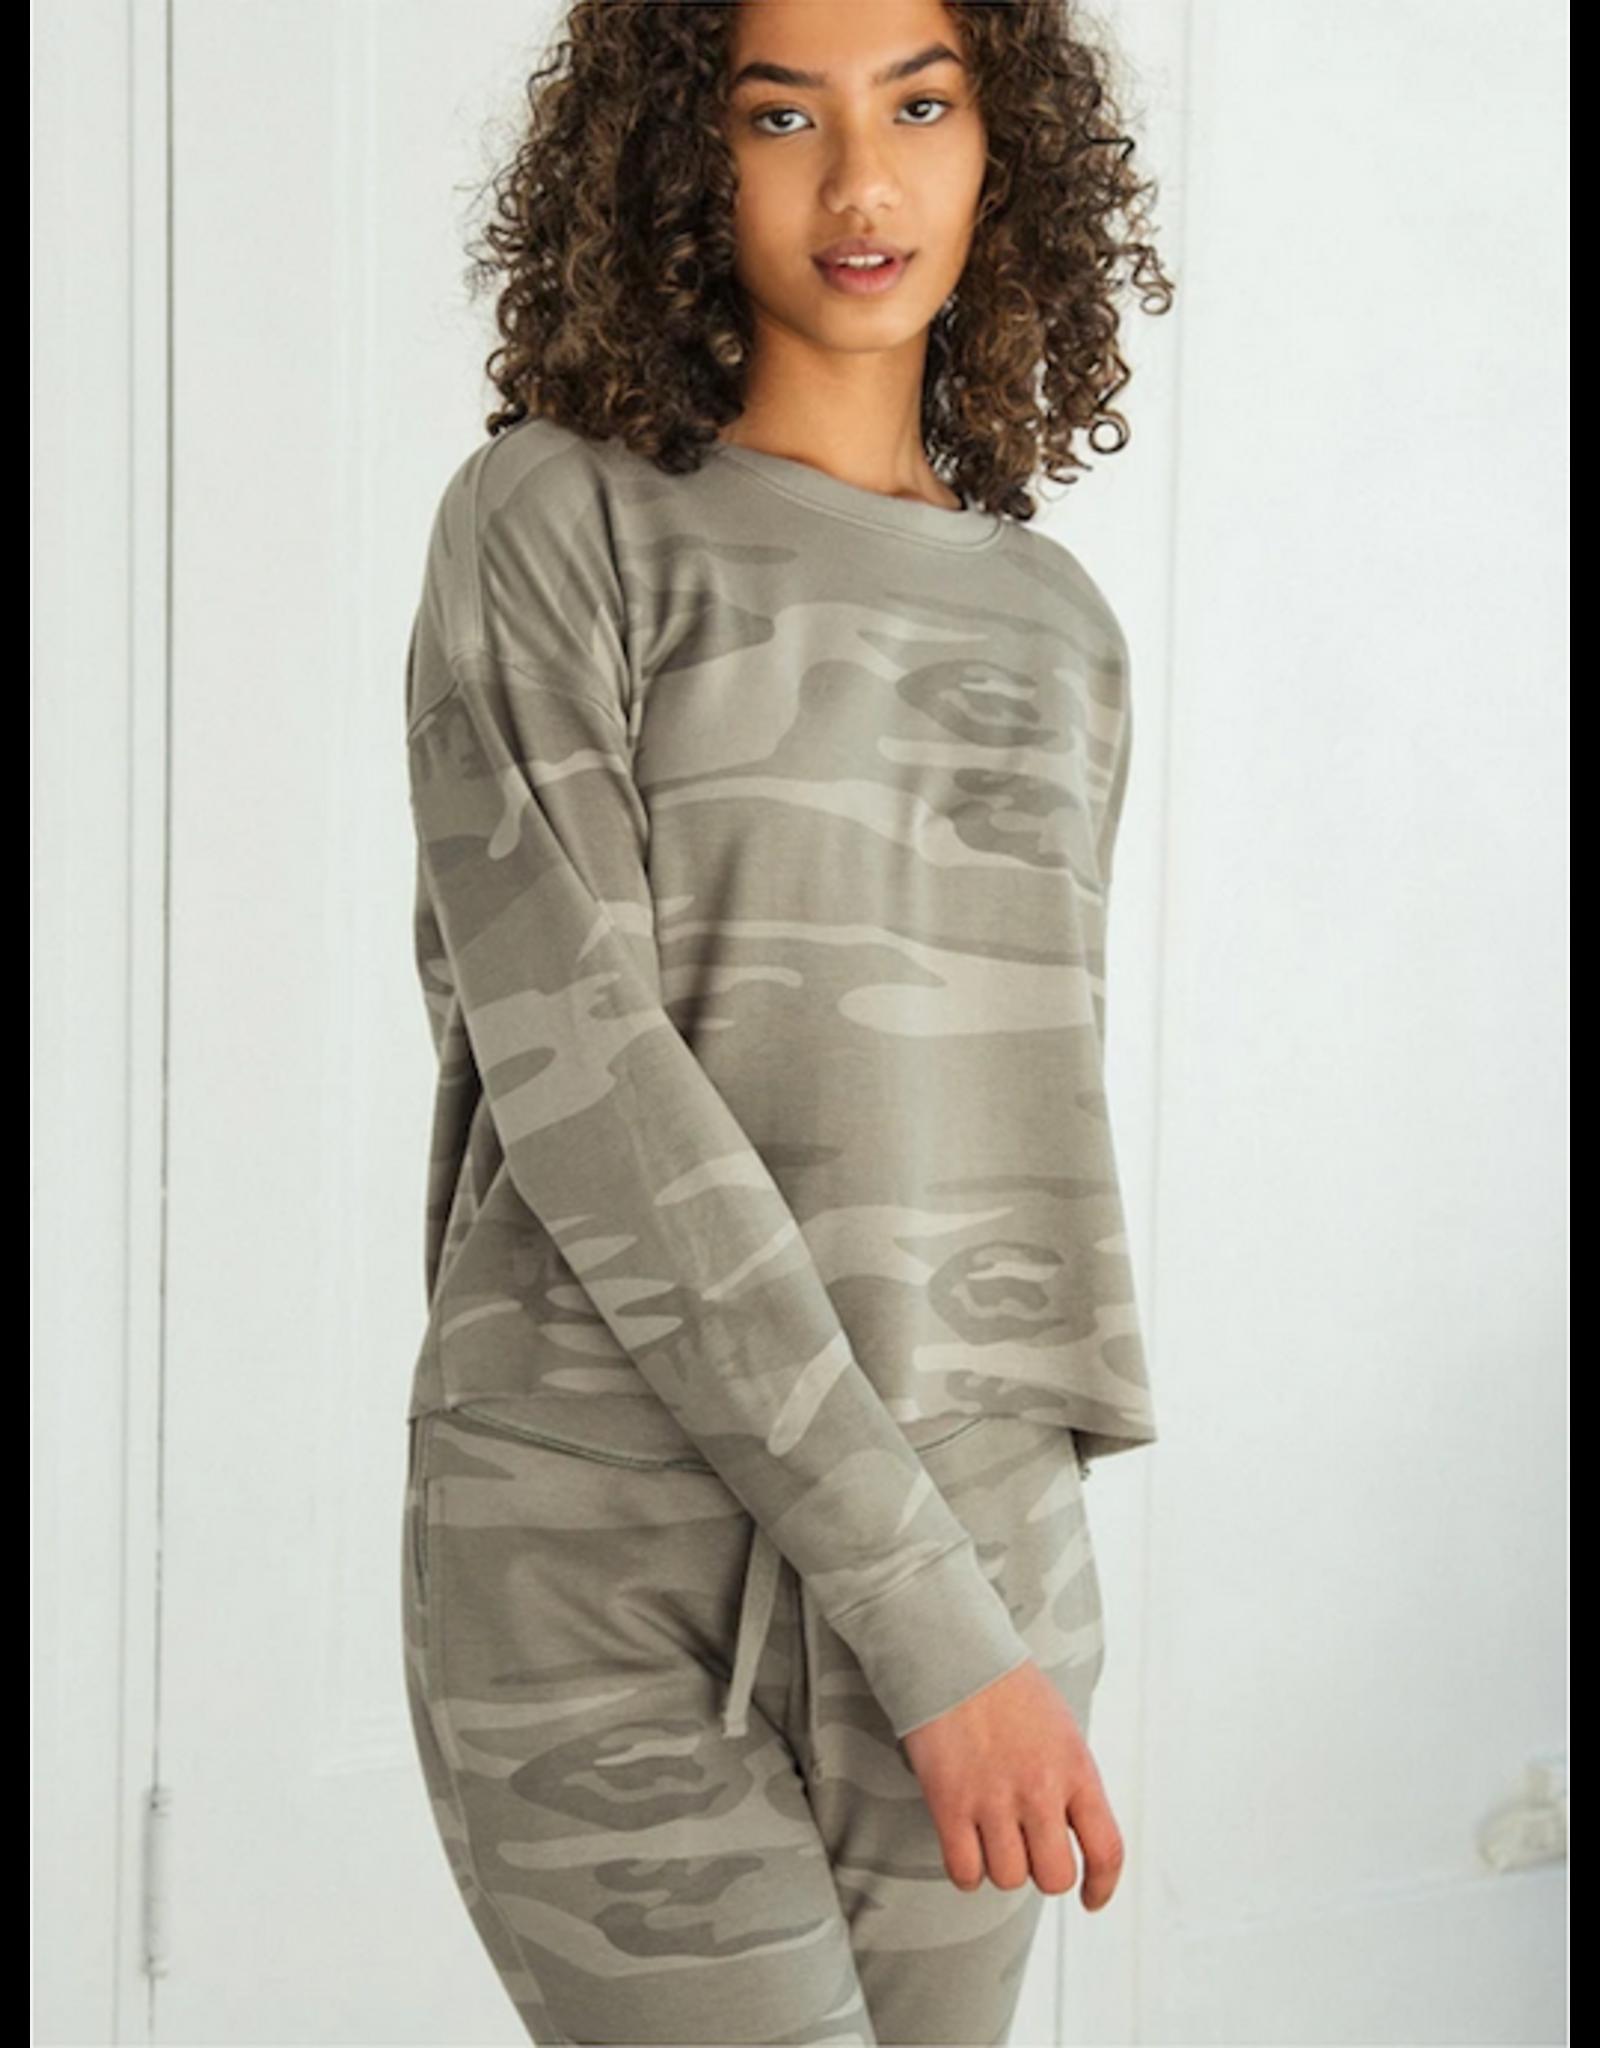 Thread & Supply Aliza Sweatshirt Top